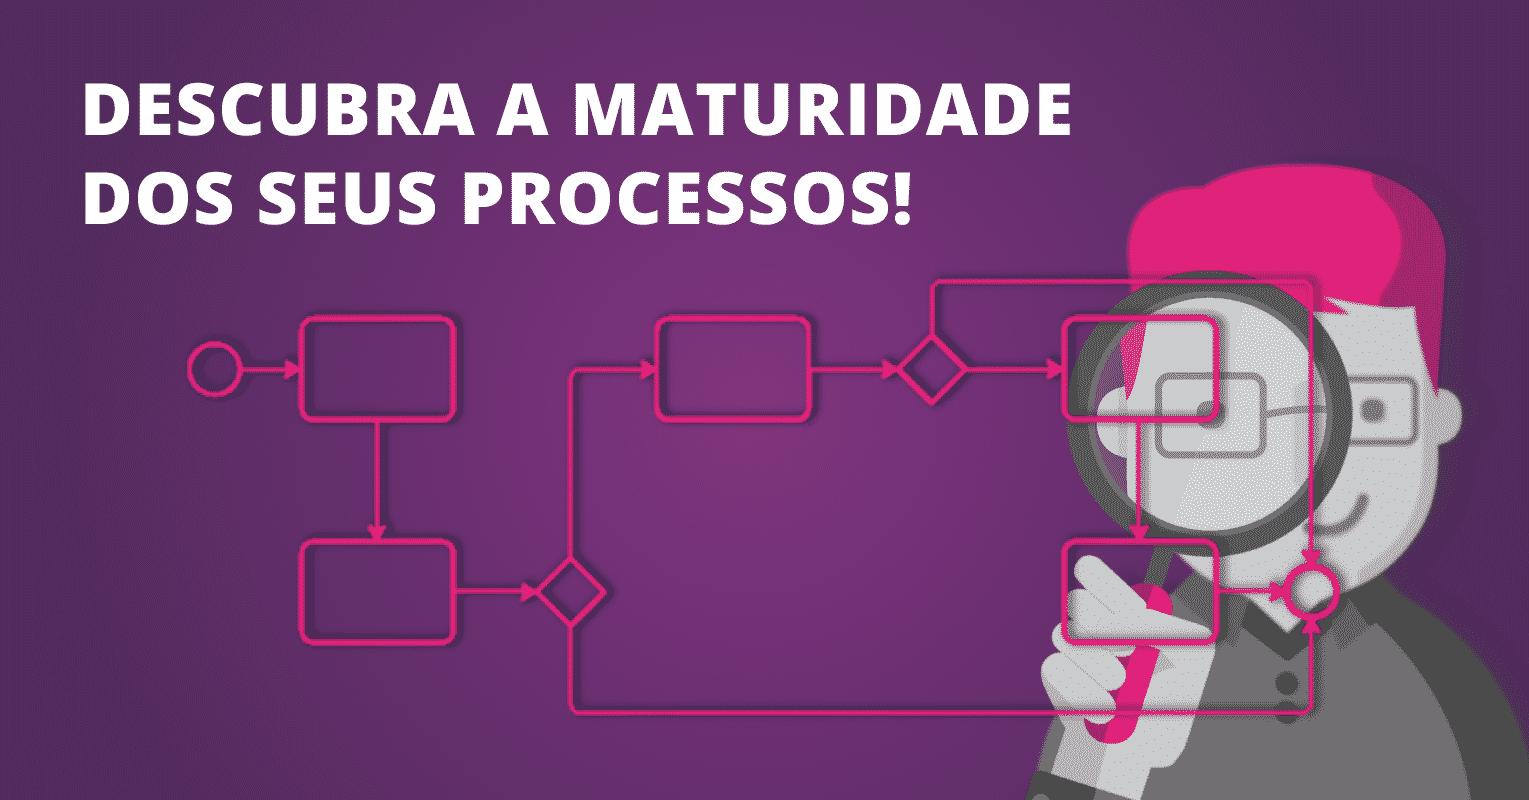 Descubra a maturidade dos processos da sua empresa com essas 2 ferramentas